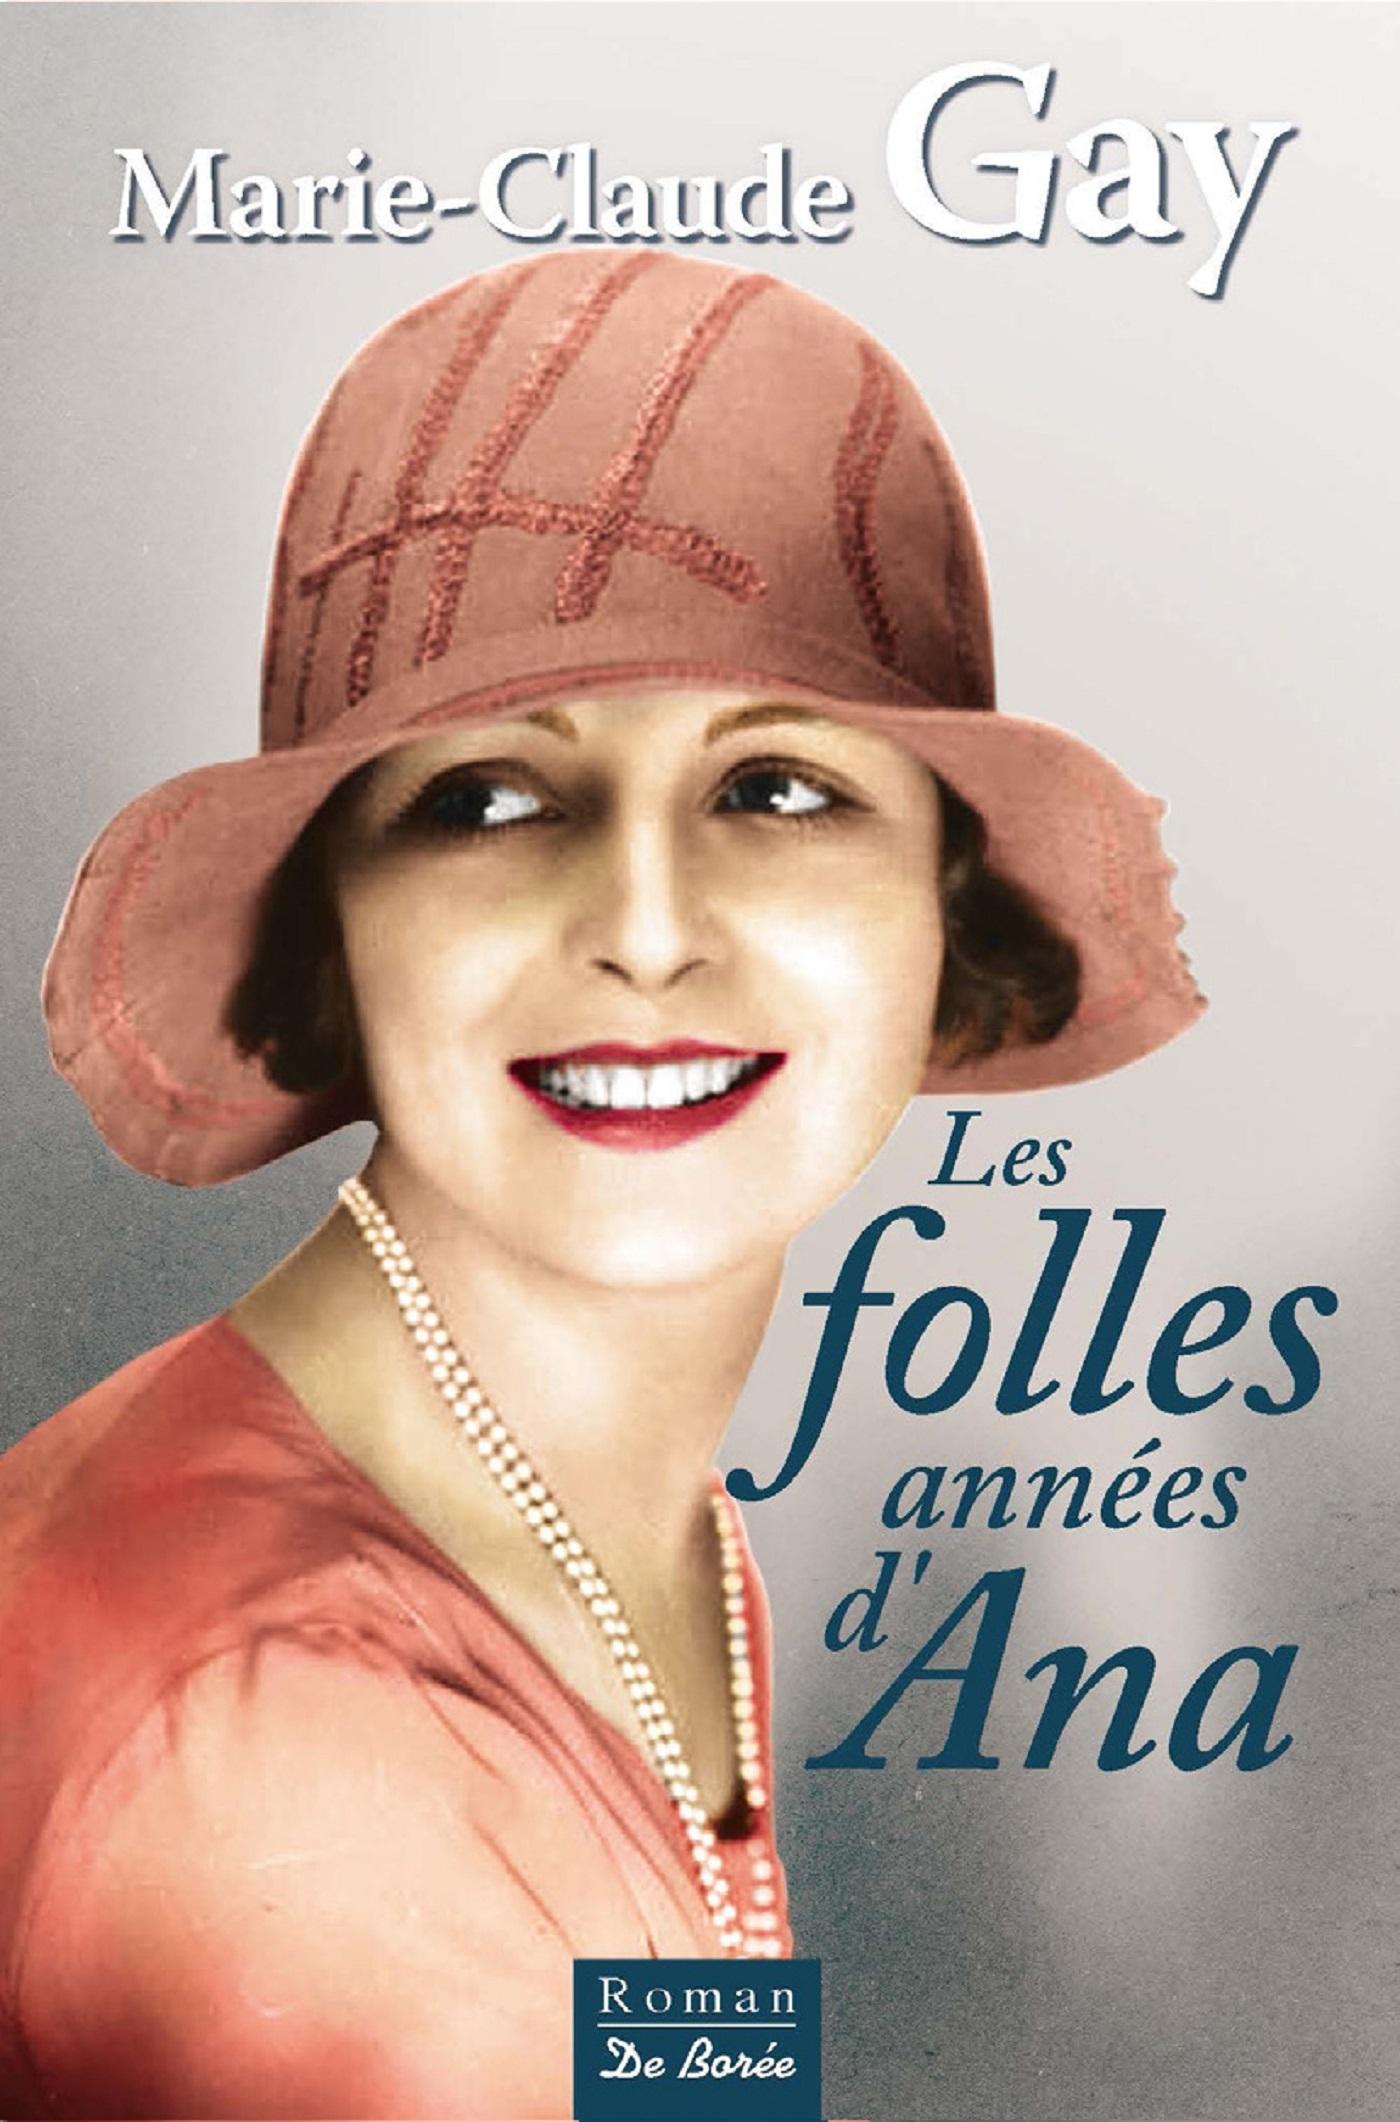 FOLLES ANNEES D'ANA (LES)